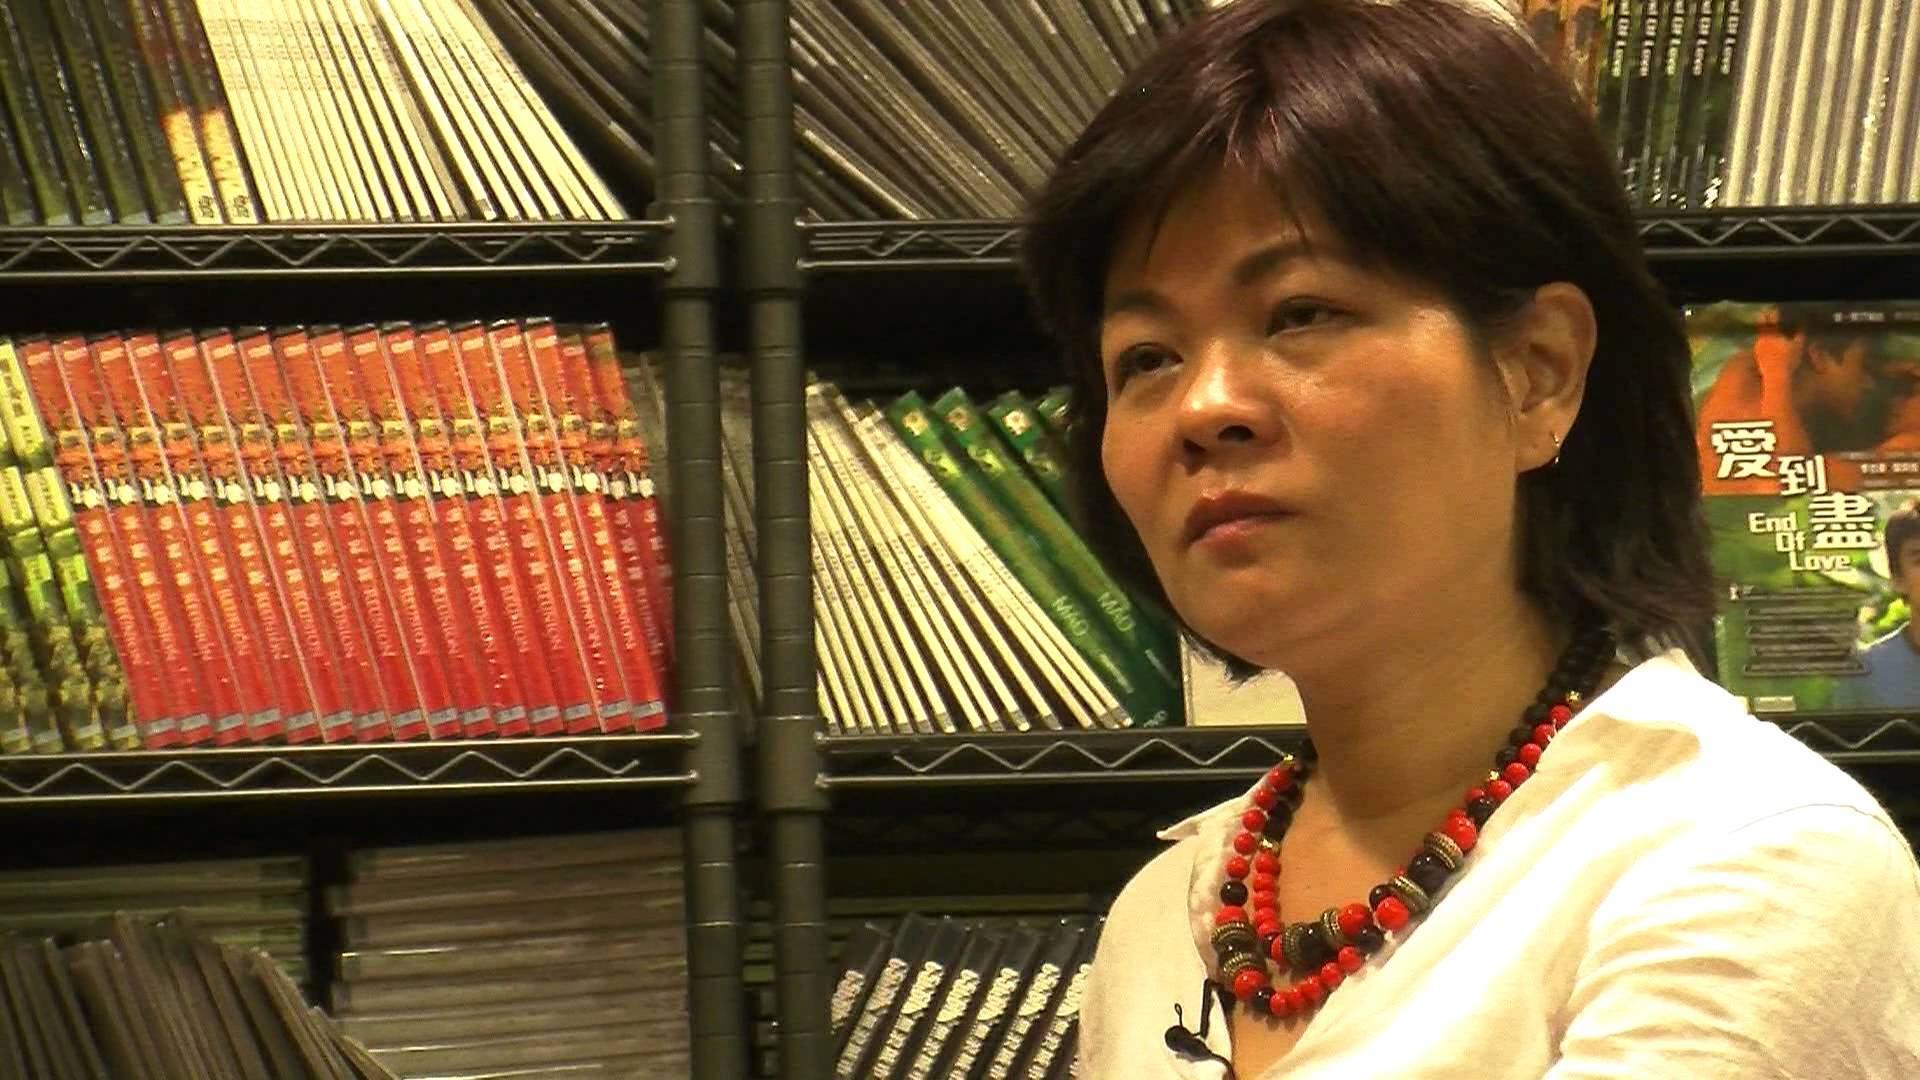 Phó đạo diễn bom tấn 'Vua kungfu' bị phi công xâm hại tình dục